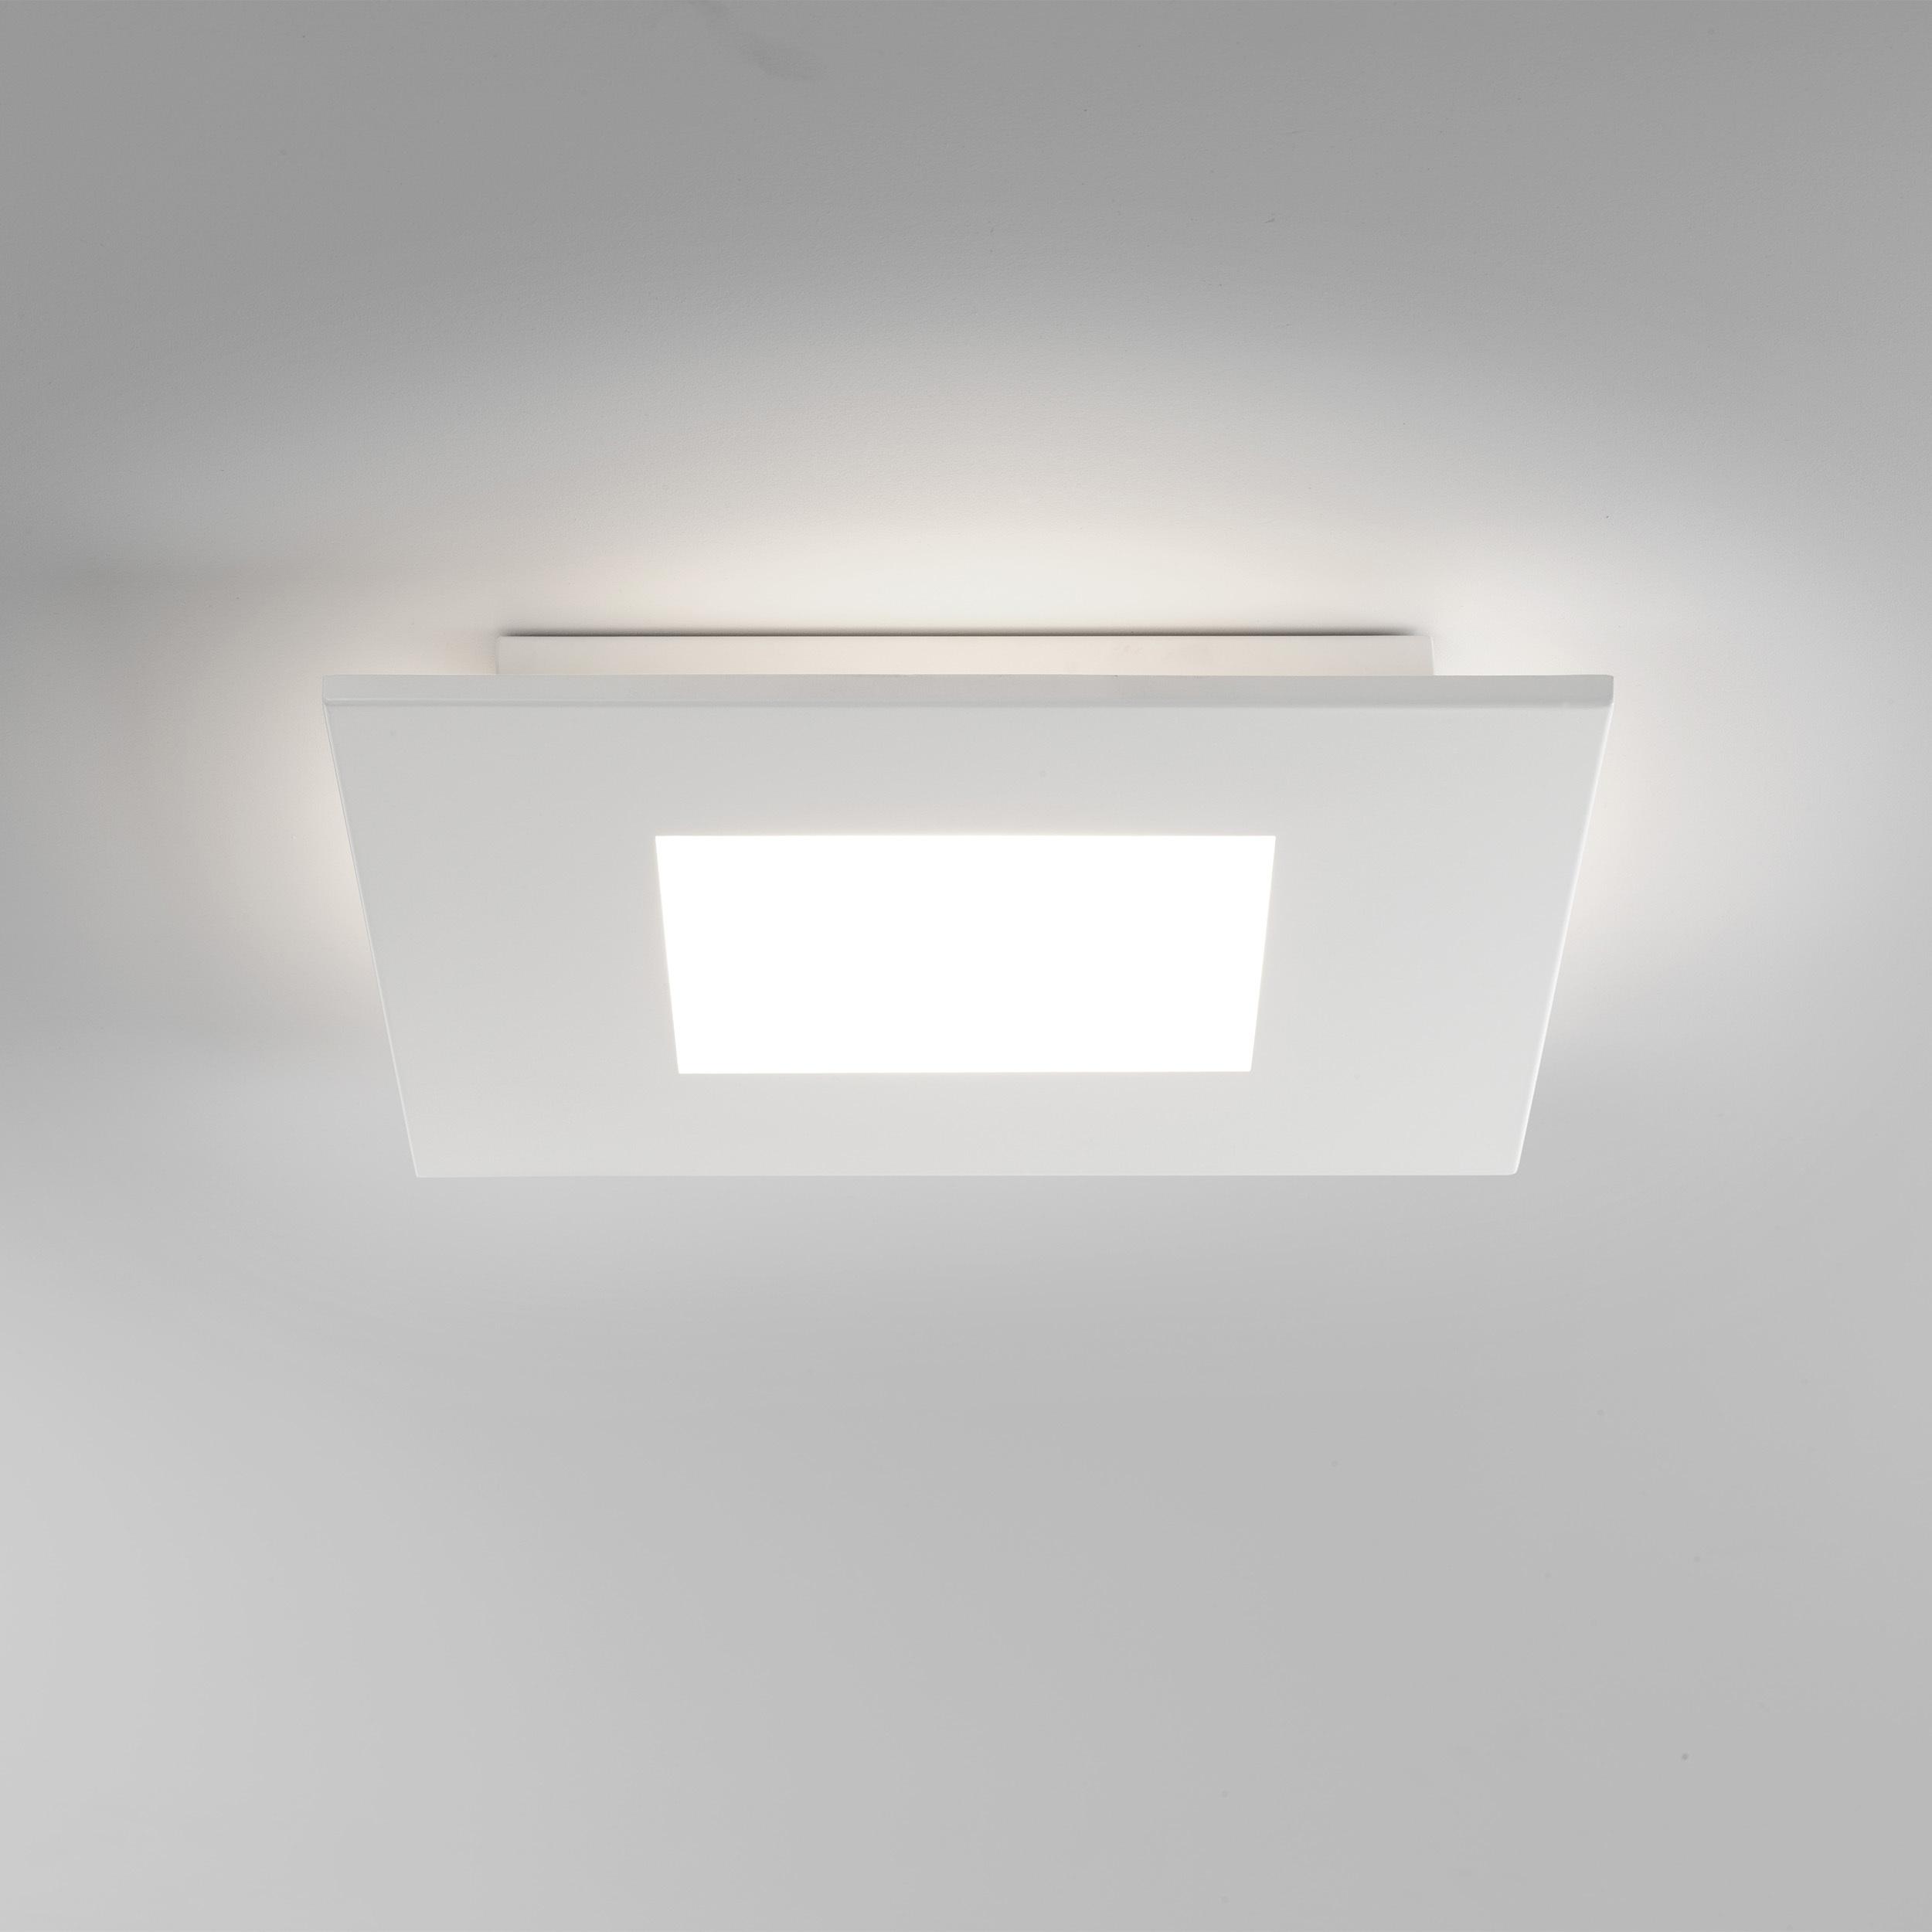 Потолочный светодиодный светильник Astro Zero 1382001 (7419), LED 15,4W 2700K 806.6lm CRI>80, белый, металл со стеклом/пластиком, пластик - фото 2